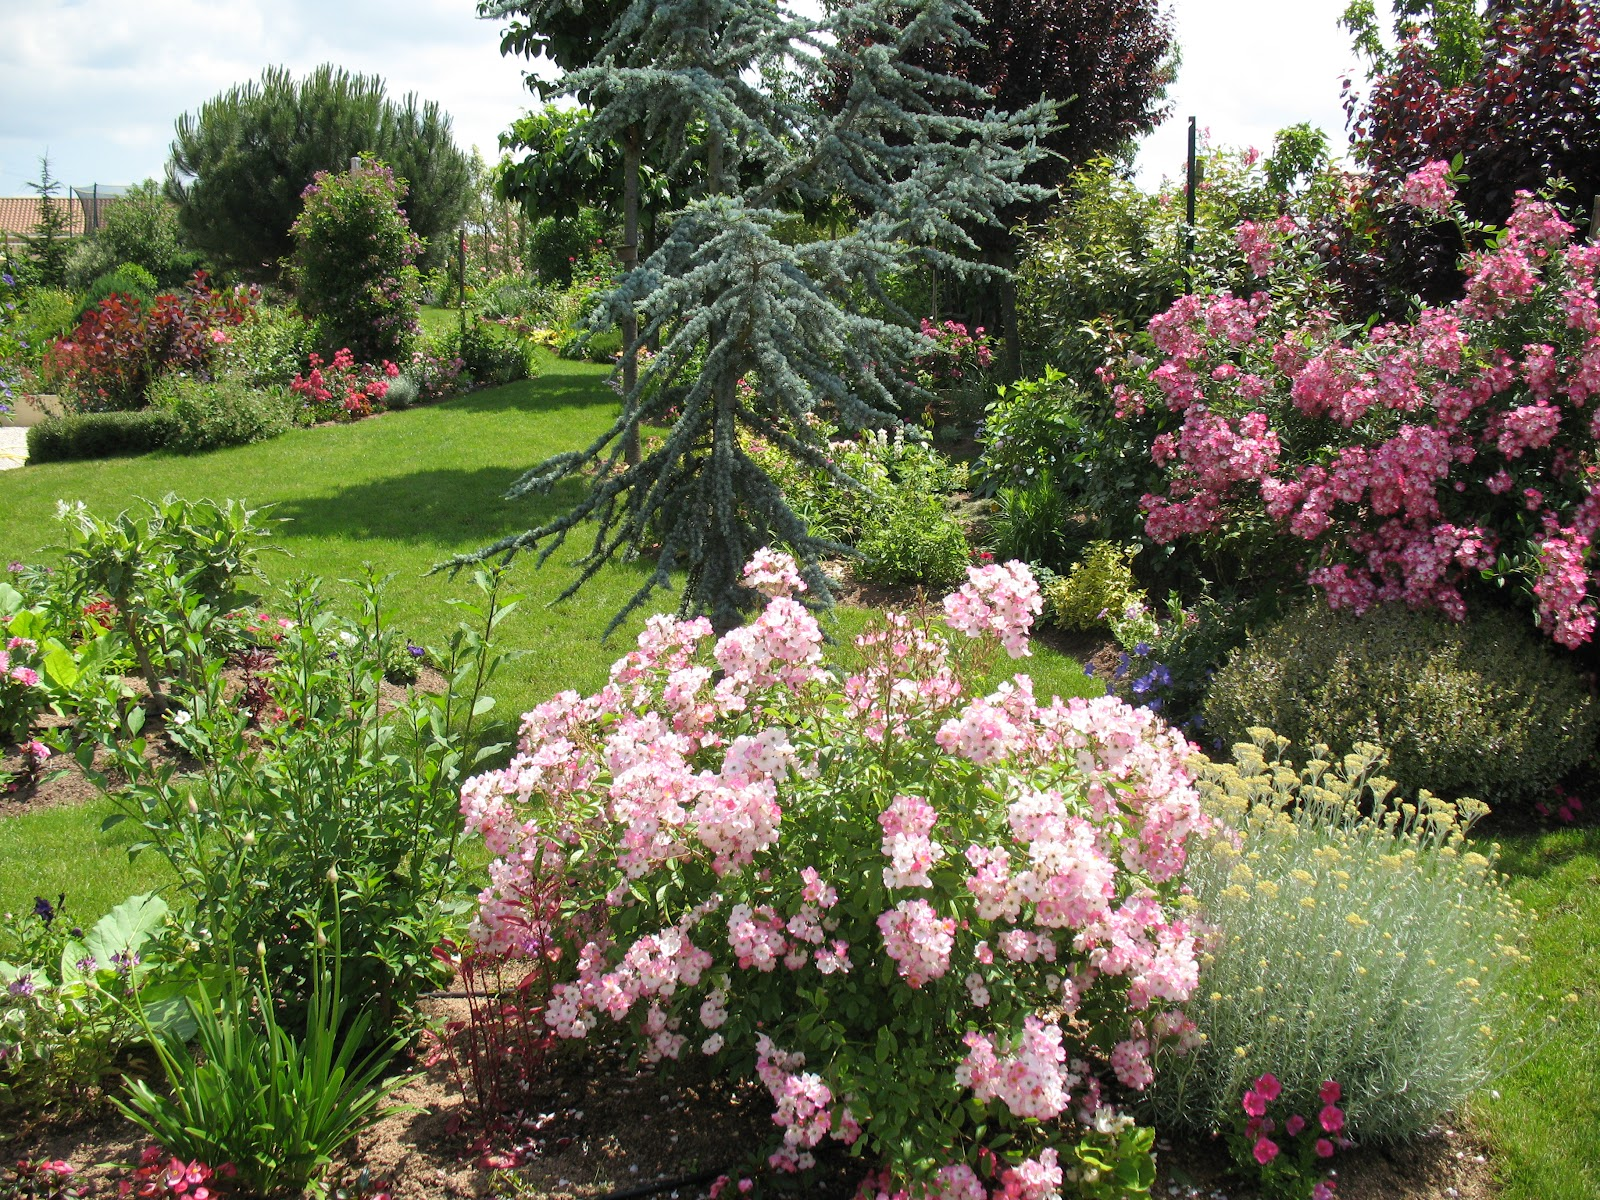 Roses du jardin Chªneland Le jardin au cours de la belle saison